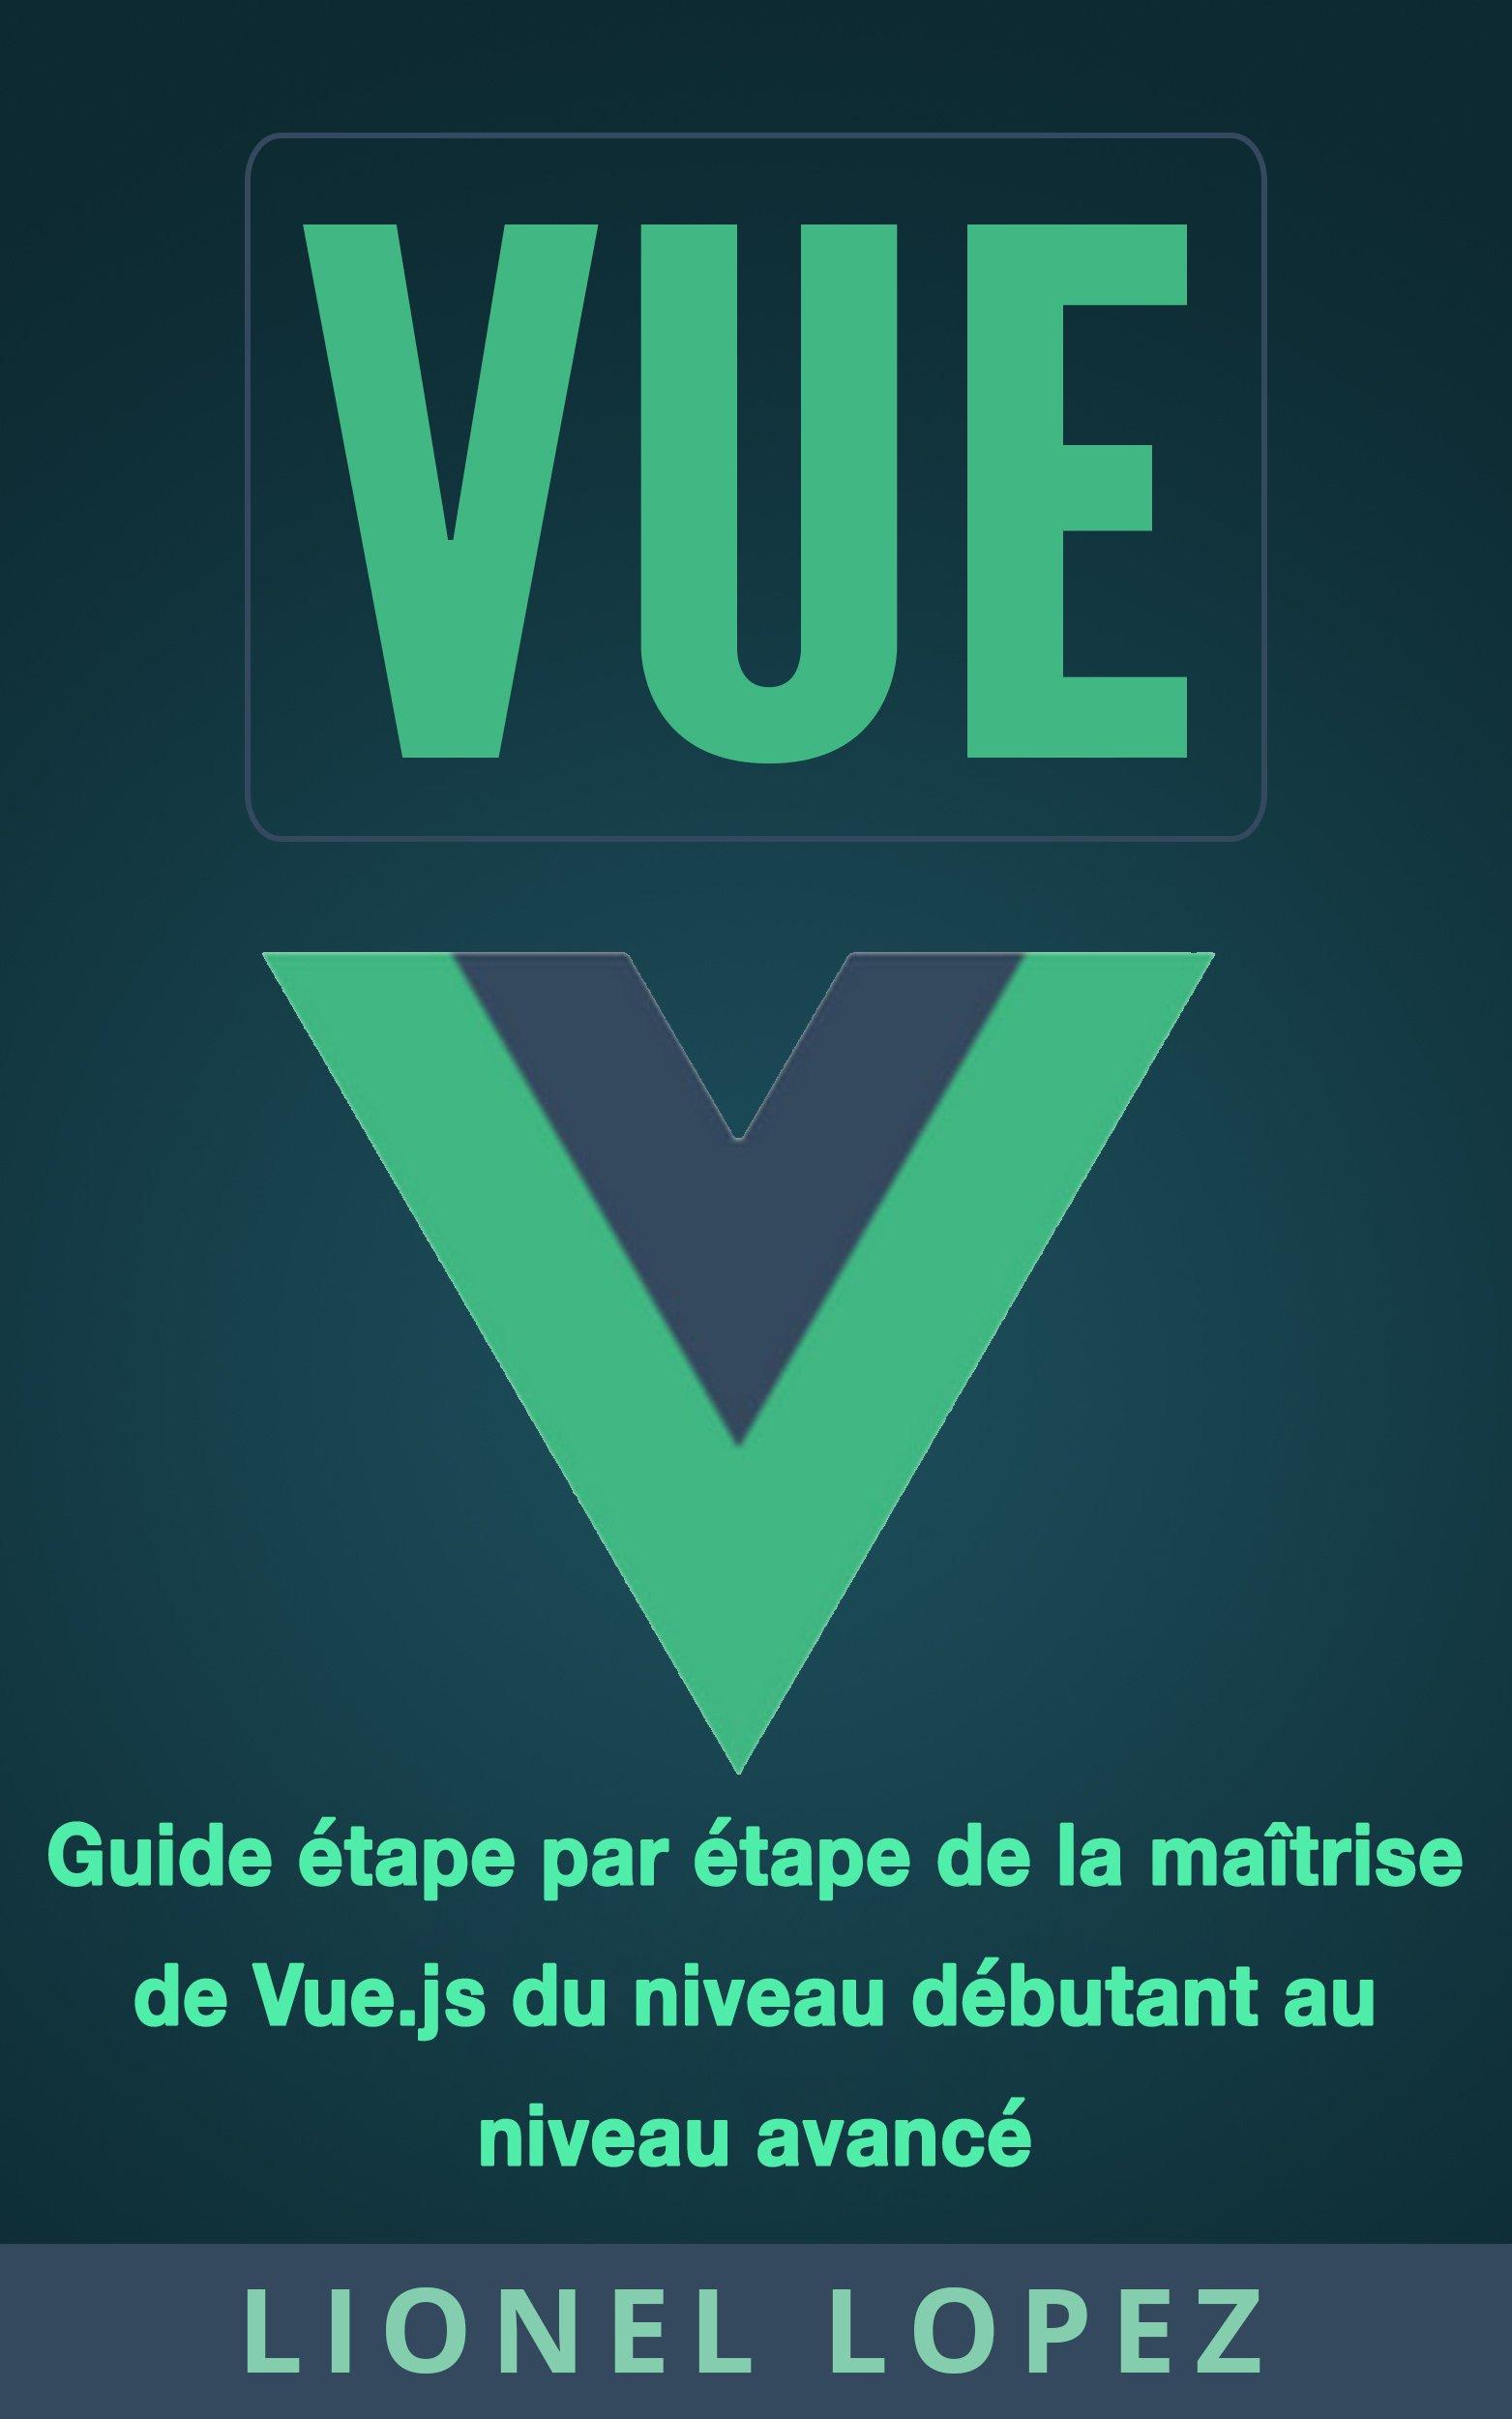 VUE: Guide étape par étape de la maîtrise de Vue.js du niveau débutant au niveau avancé (Livre en Français/ Vue French Book Version) por Lionel Lopez